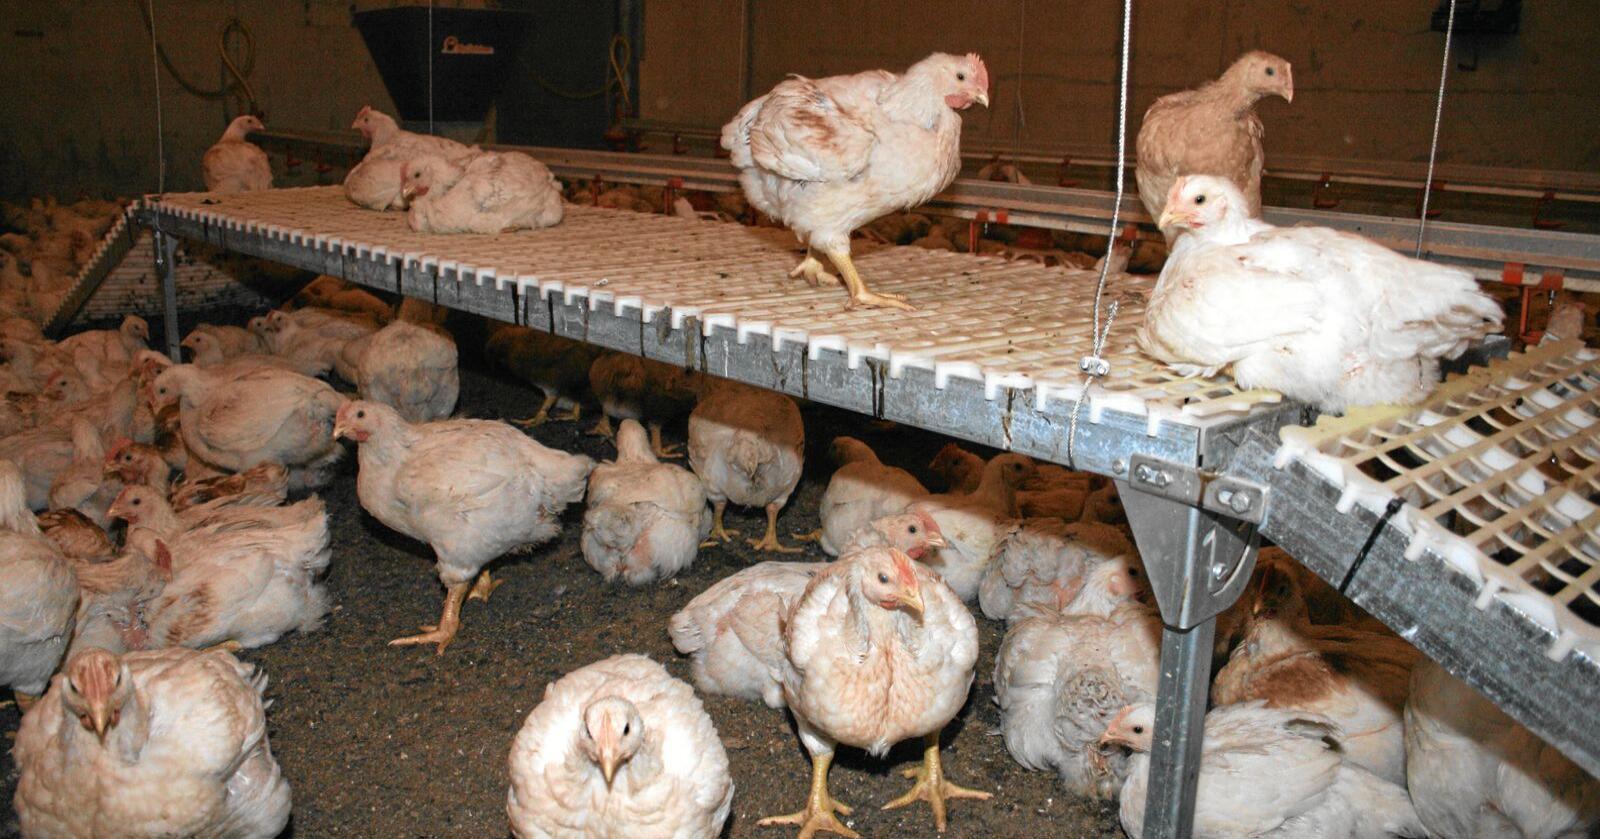 Priskutt: Kraftfôrblandingane med høgast innhald av importerte råvarer og protein, som blant anna går til oppdrett av slaktekylling, er blant typane med størst prisvekst siste månadene. Det er også der priskuttet er størst nå. Foto: Bjarne Bekkeheien Aase